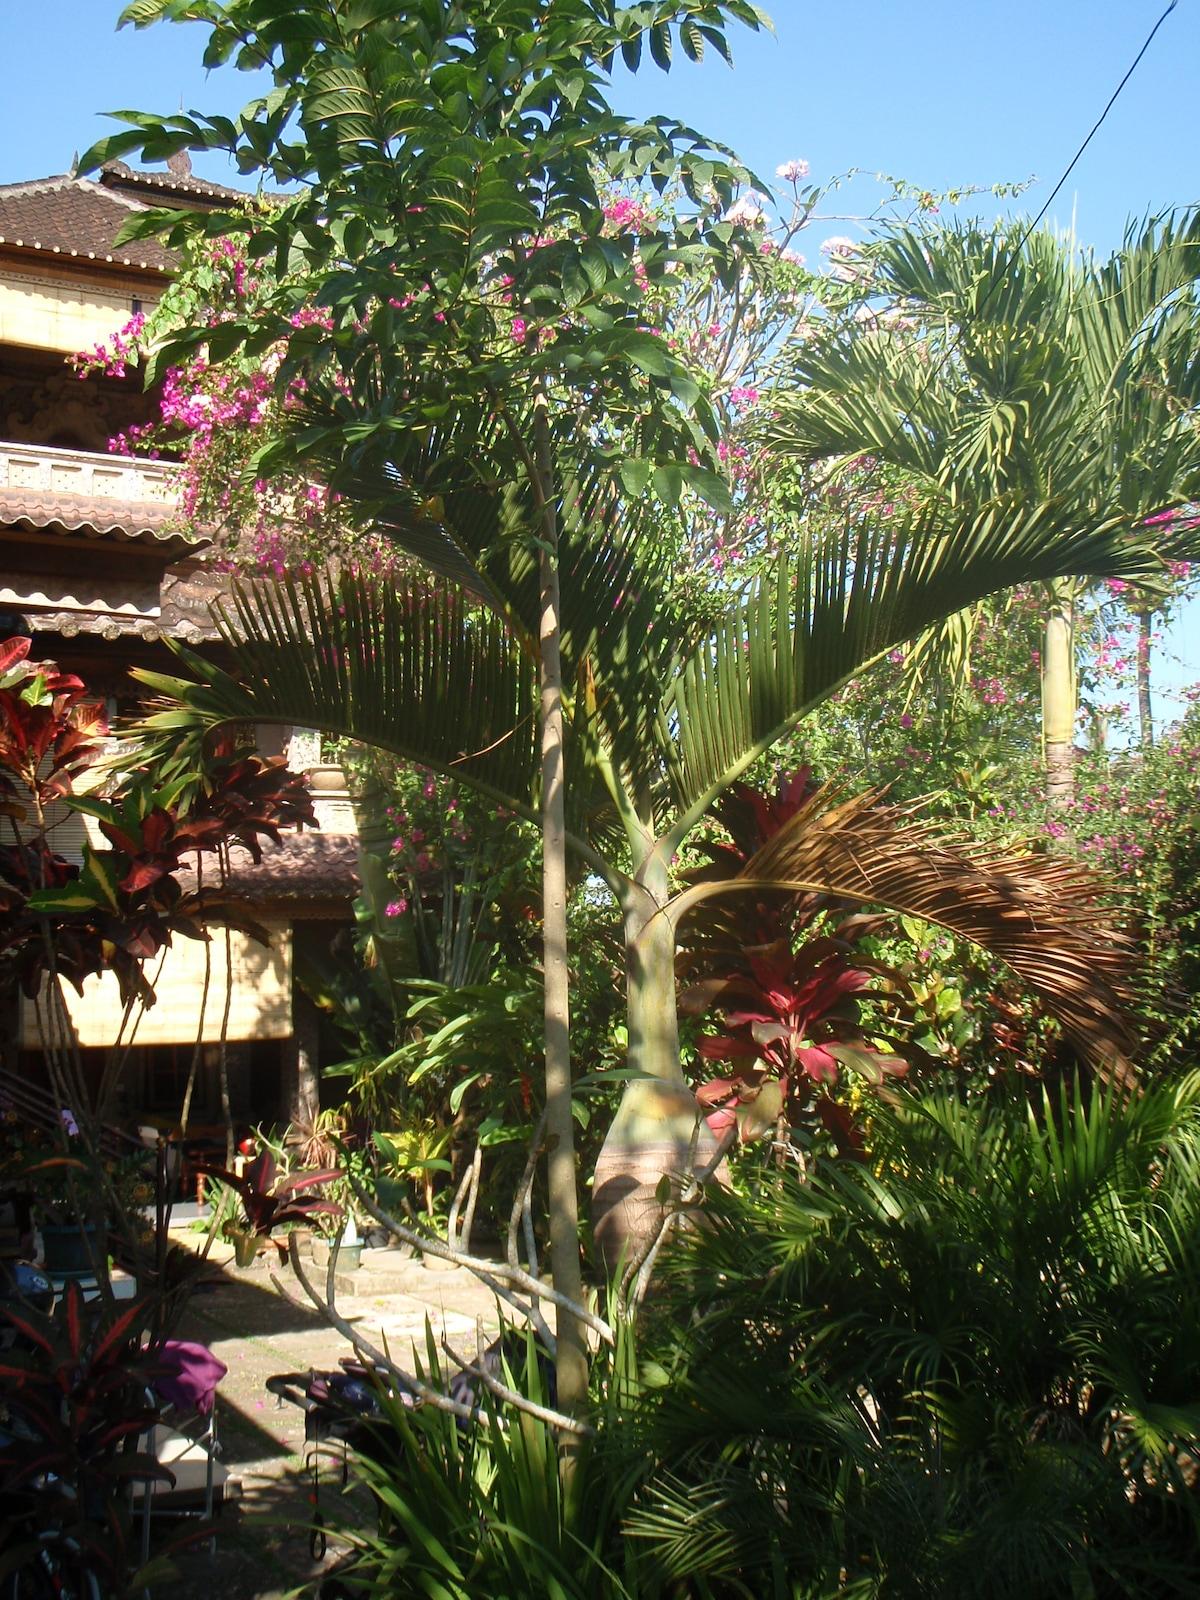 Taman Sari House and Gardens